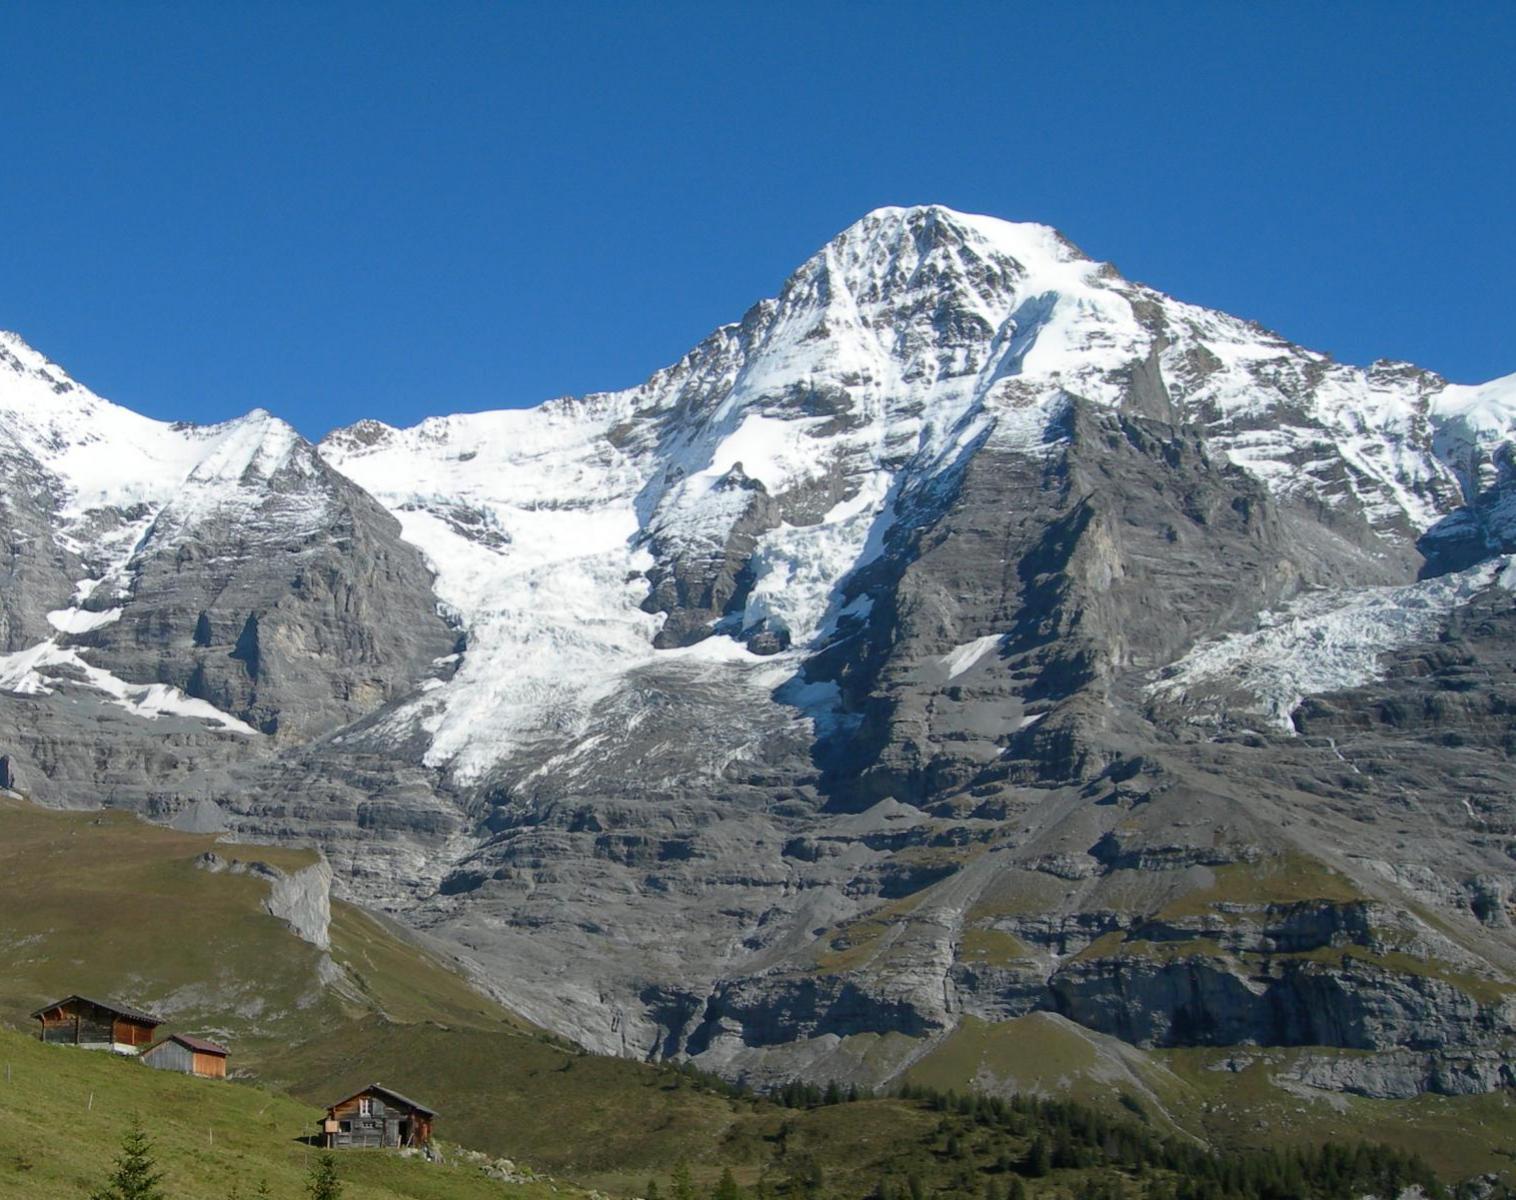 Suisse  REMISE EN FORME A ALETSCH   Trek & Randonnée